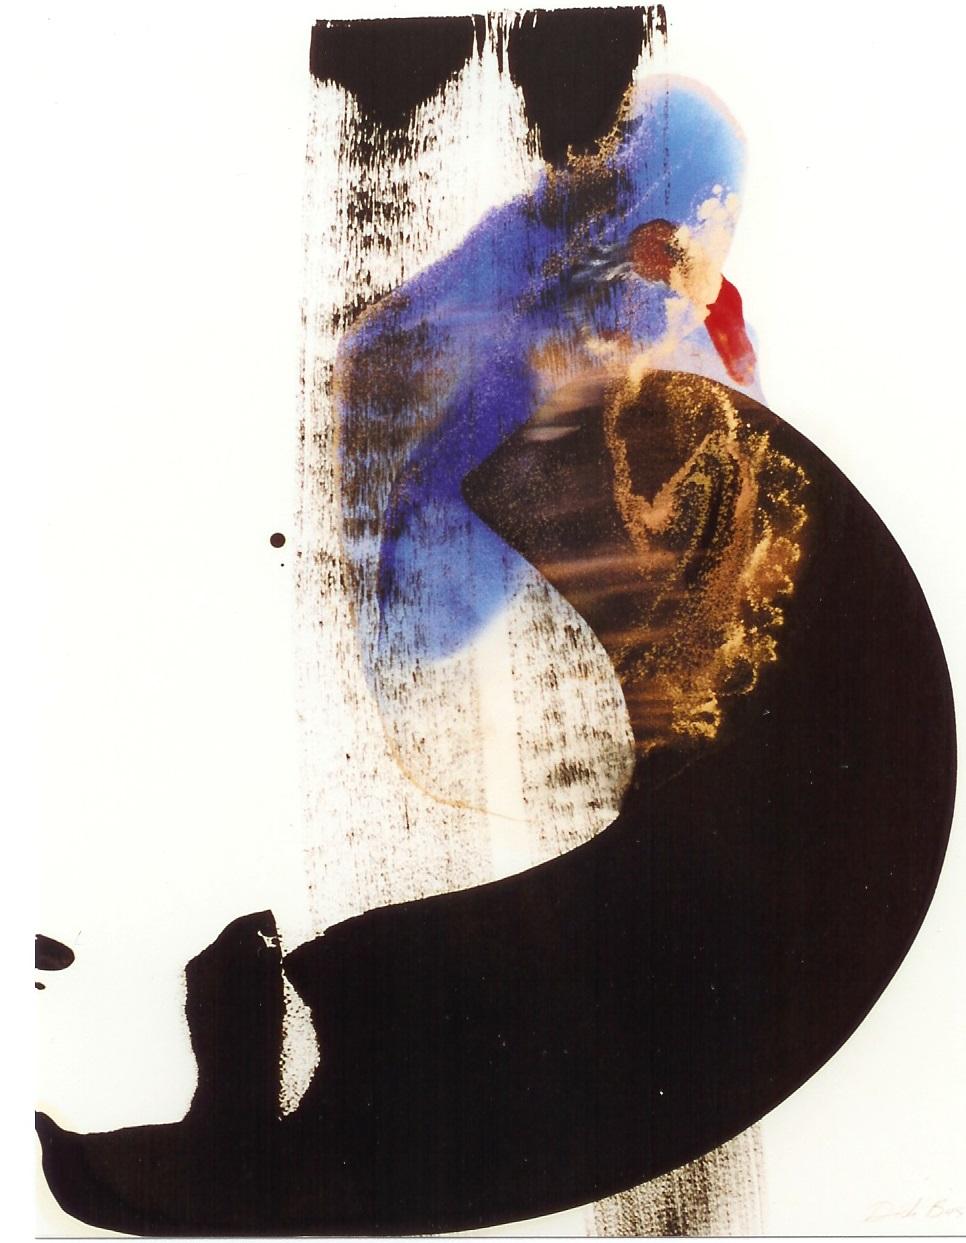 <p></noscript>olieverf ,pigment en vernis op 350grams fabriano papier. 70x100cm</p>